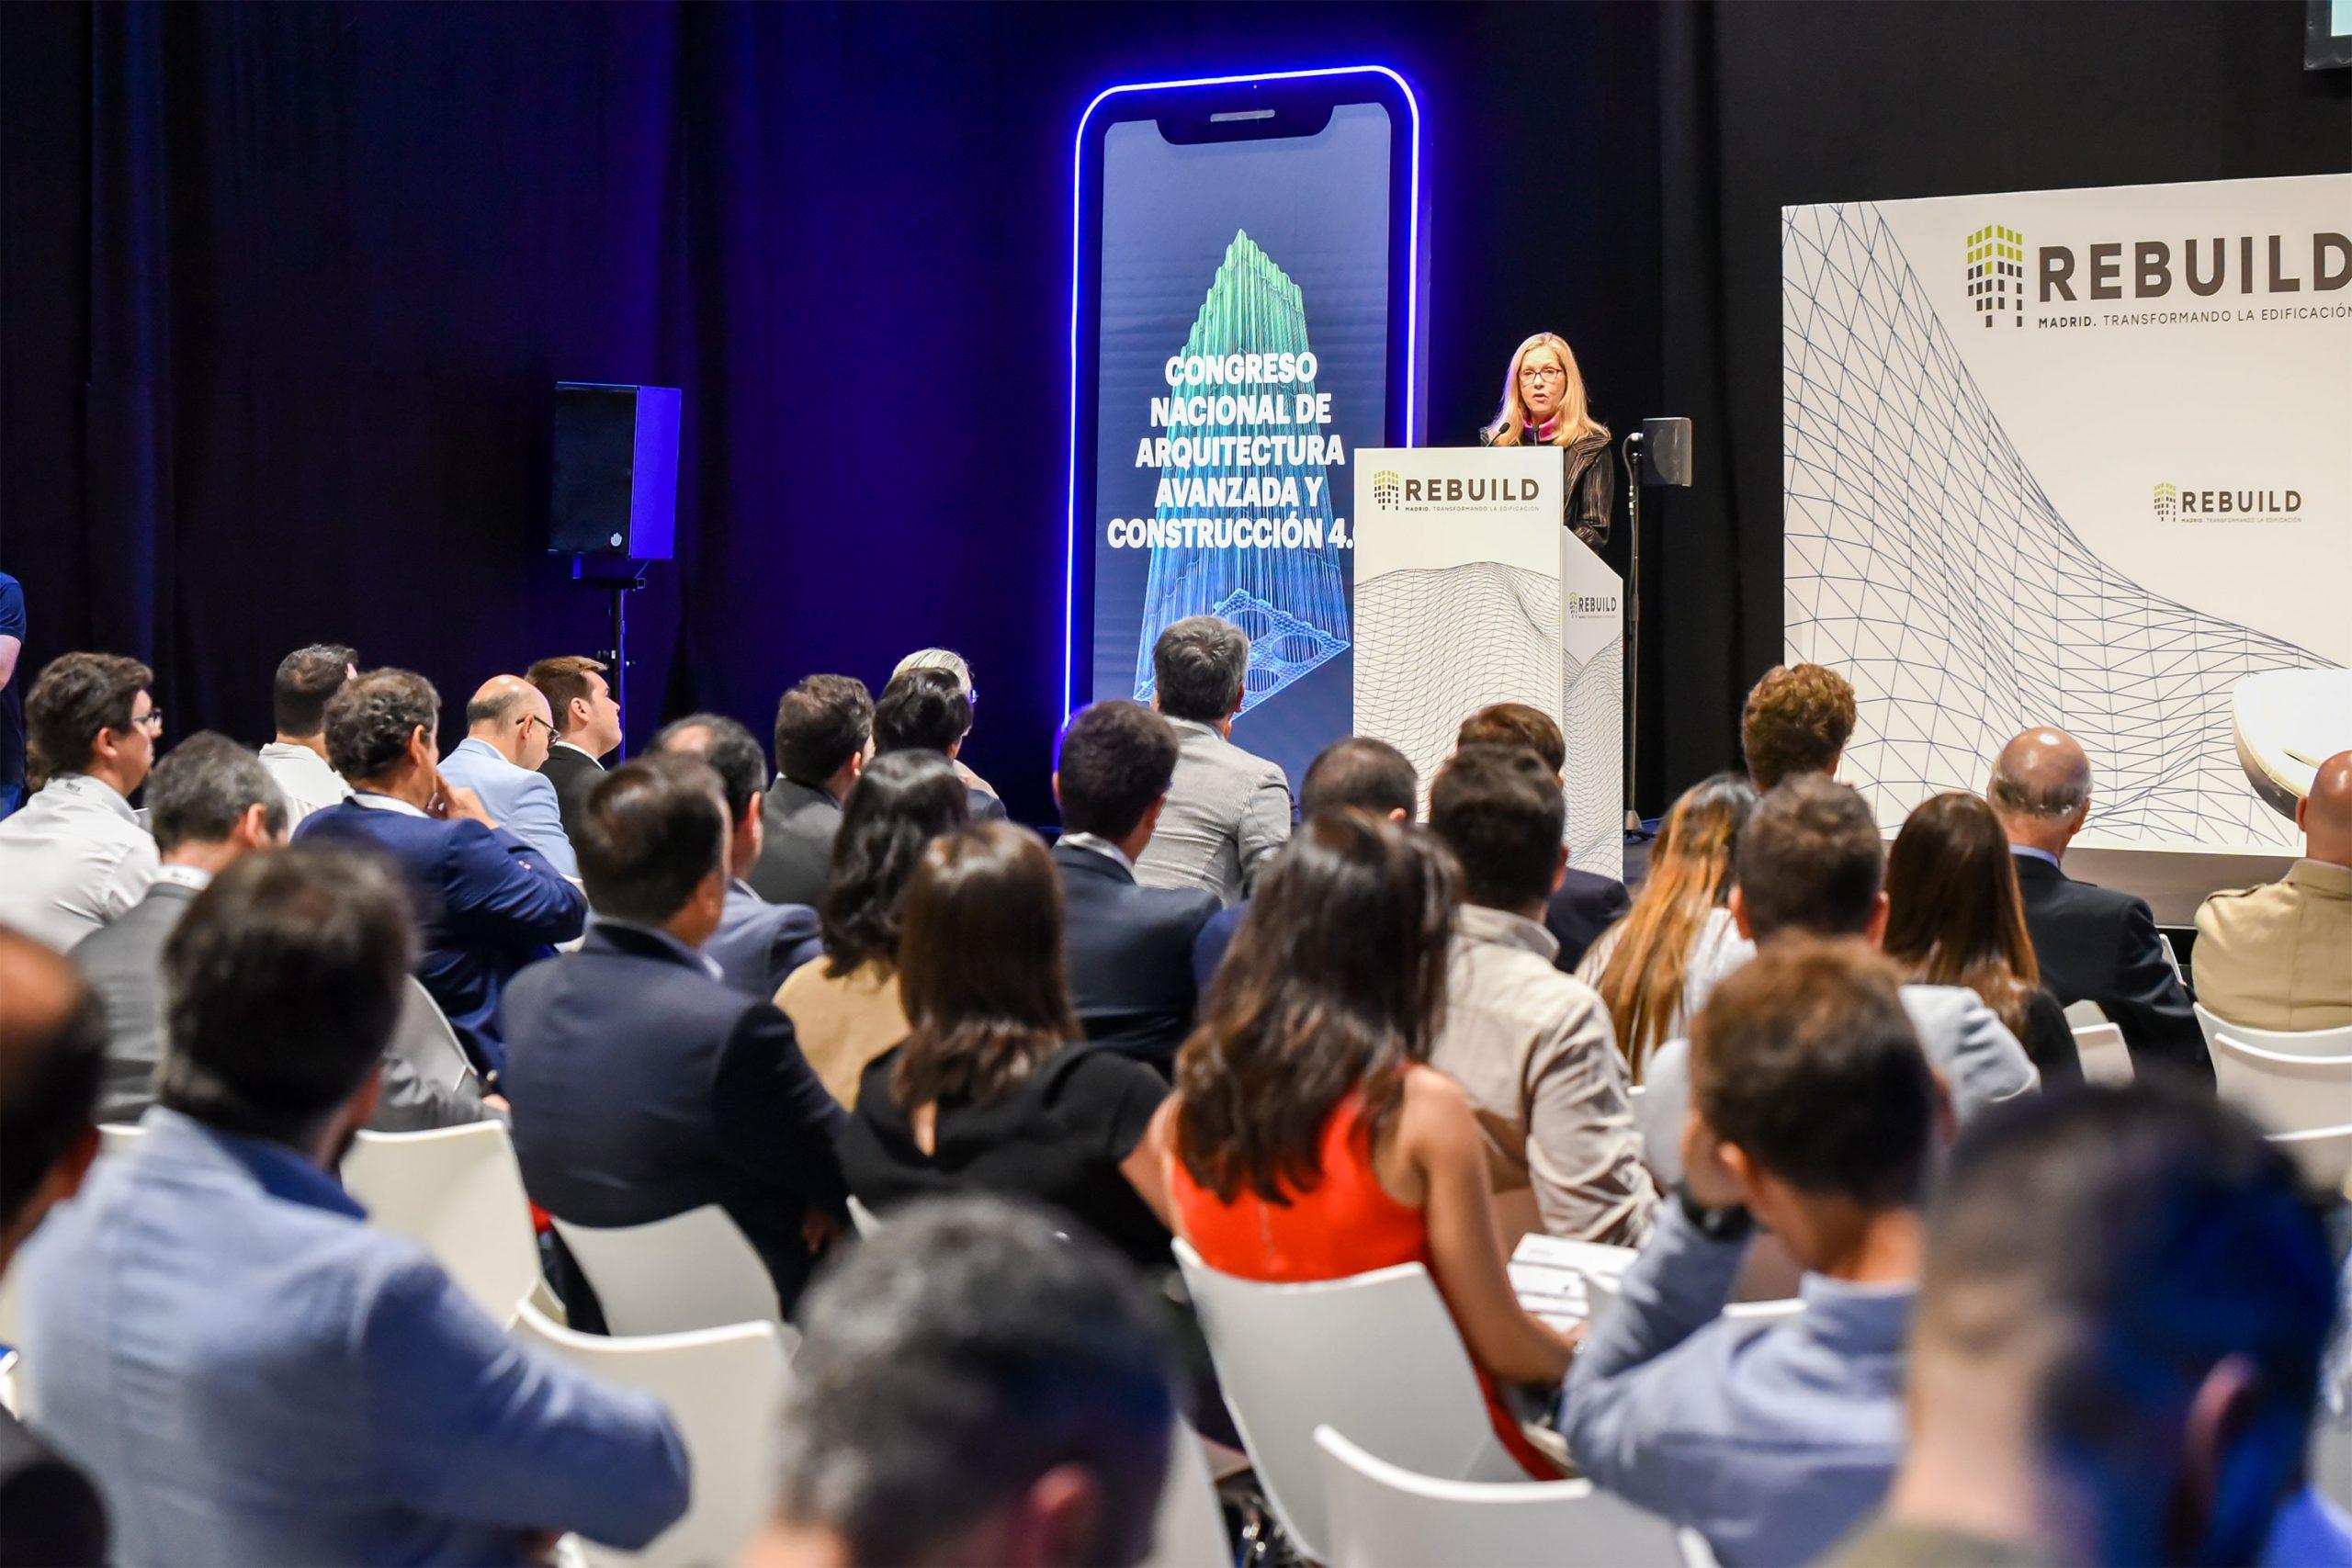 REBUILD 2020 arranca mañana en Barcelona con el objetivo de reactivar la economía e impulsar la actividad del sector de la edificación